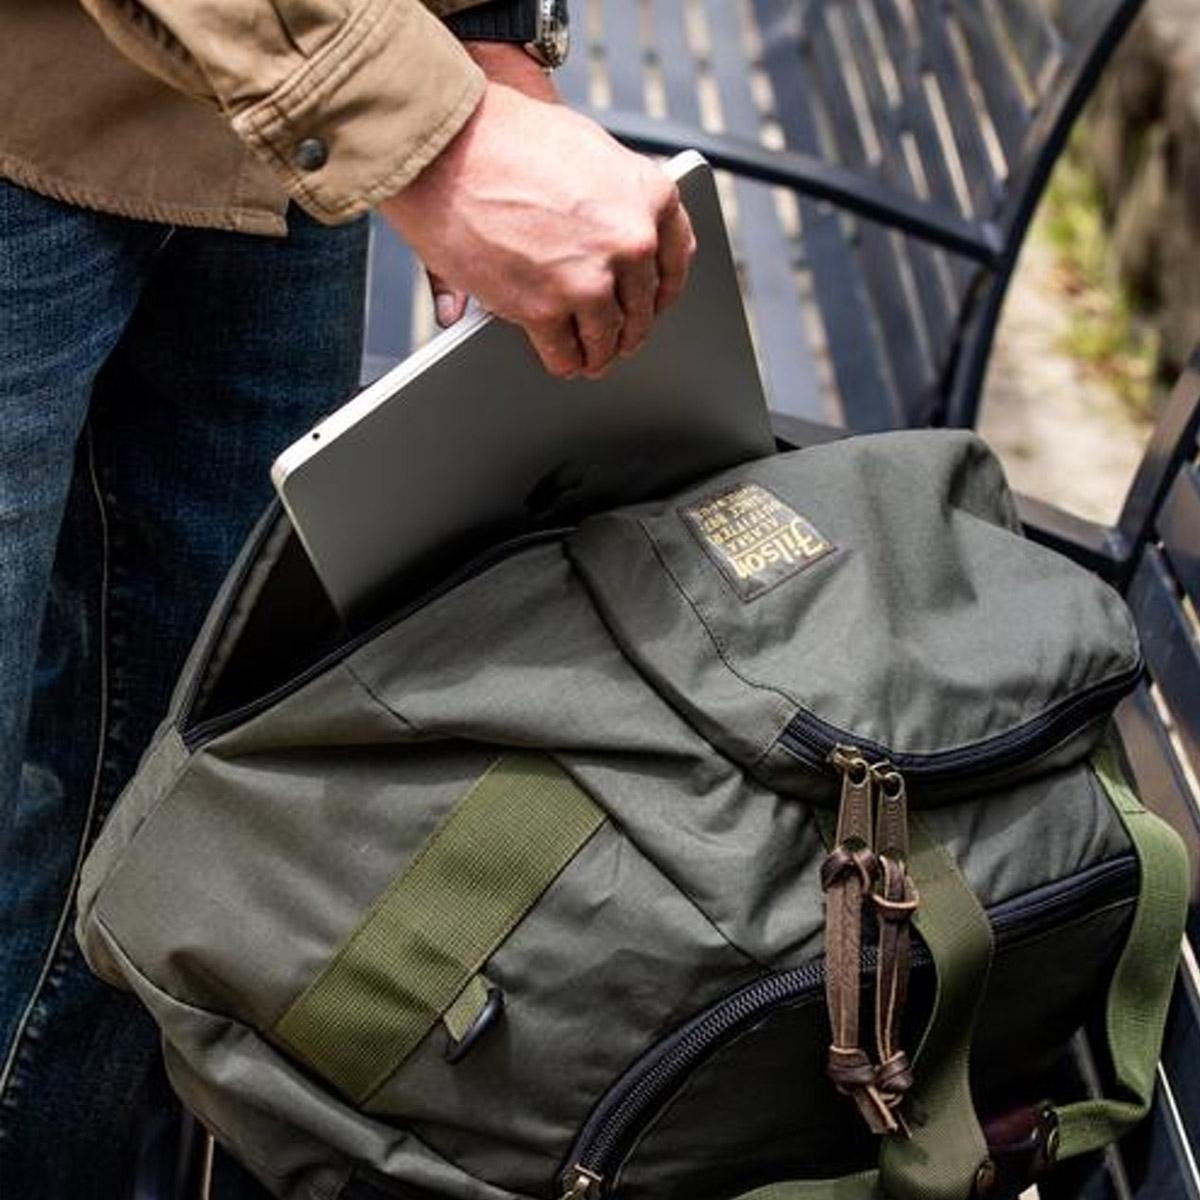 Filson Duffle Pack 20019935, vielseitiger, starker und leichter Reisebegleiter